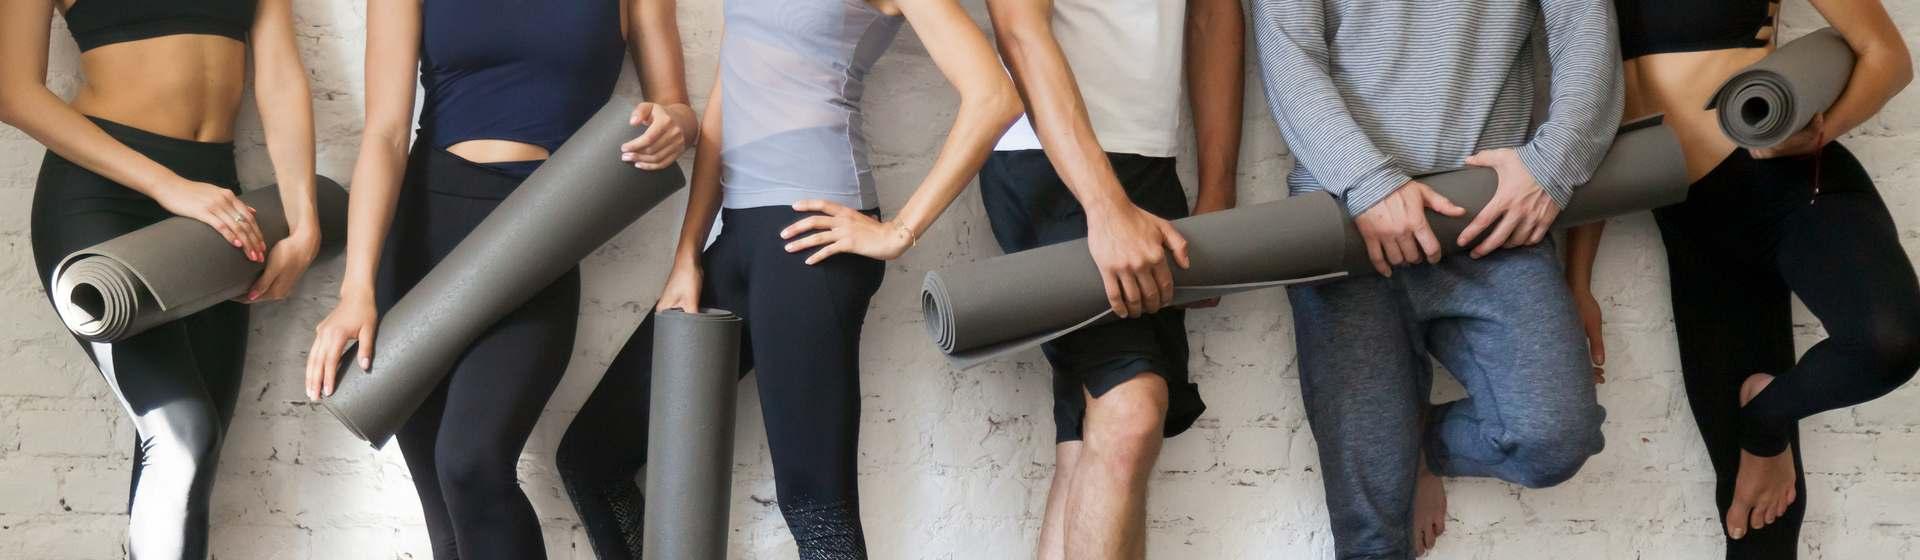 Roupas de yoga: modelos e dicas para usar na hora de se vestir